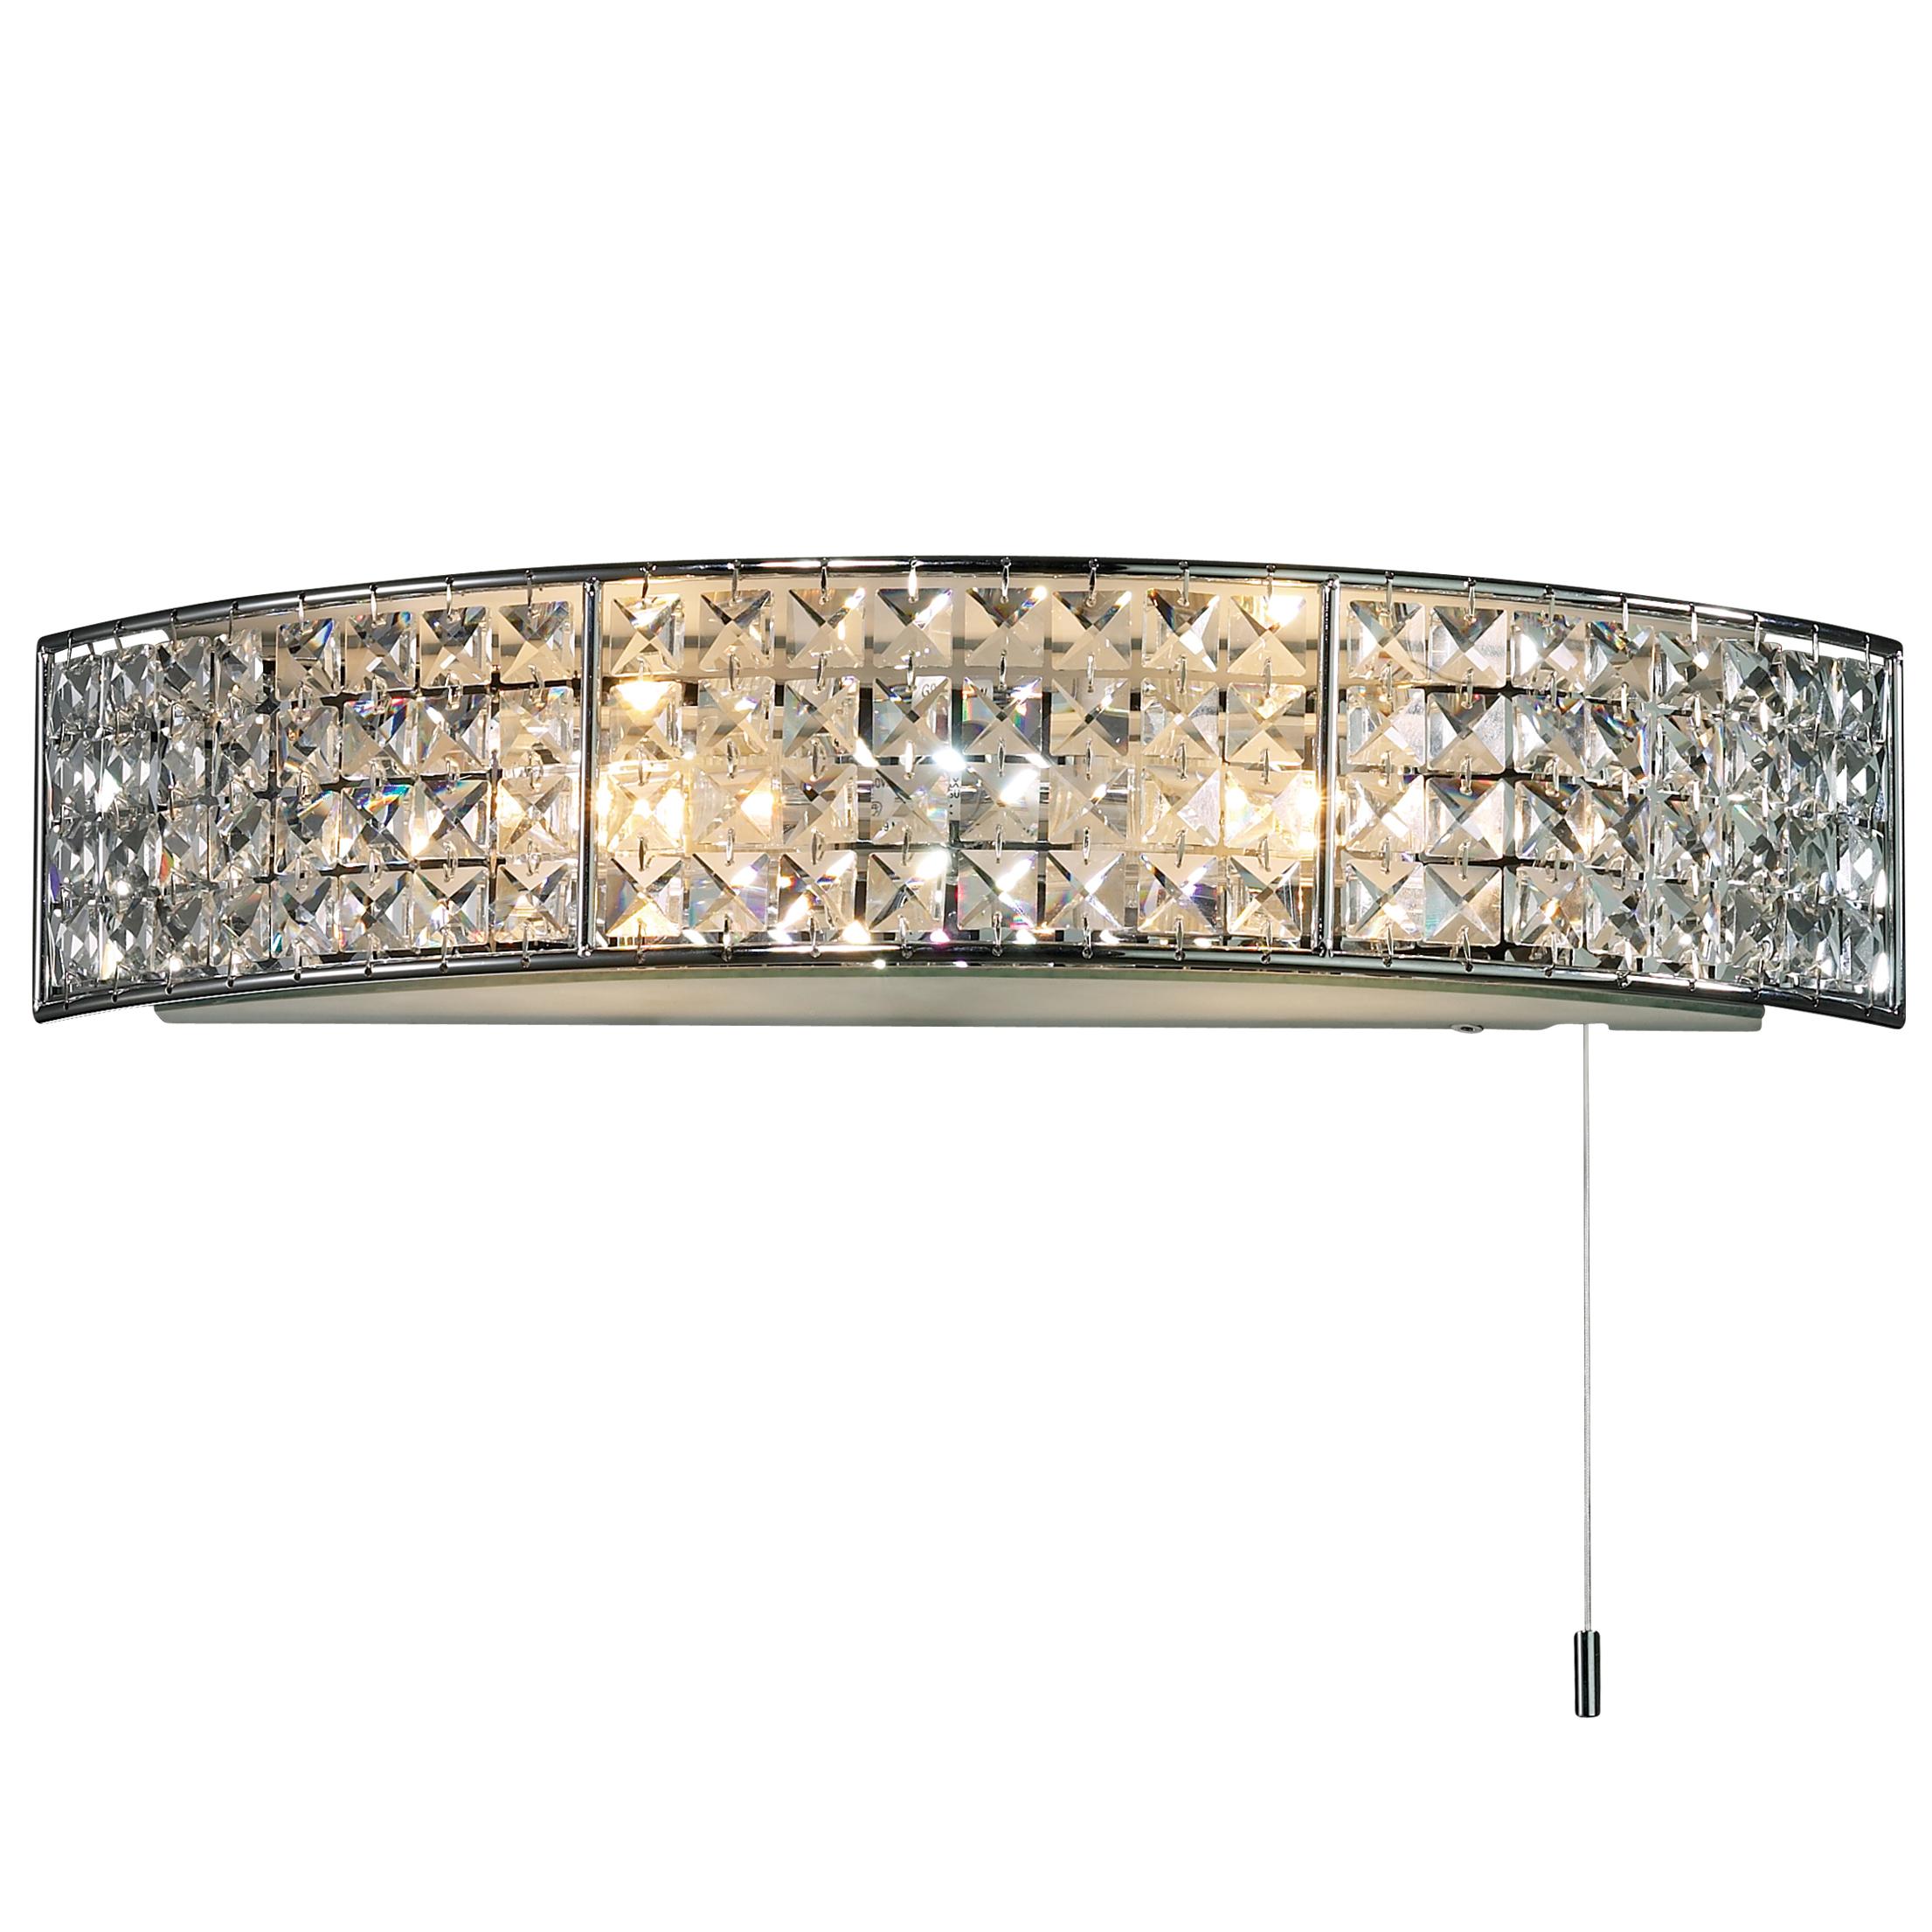 Светильник для ванной комнаты Odeon light 2249/2w светильник настенный odeon light 2743 2w odl15 787 e14 2 40w 220v lemo хром стекло